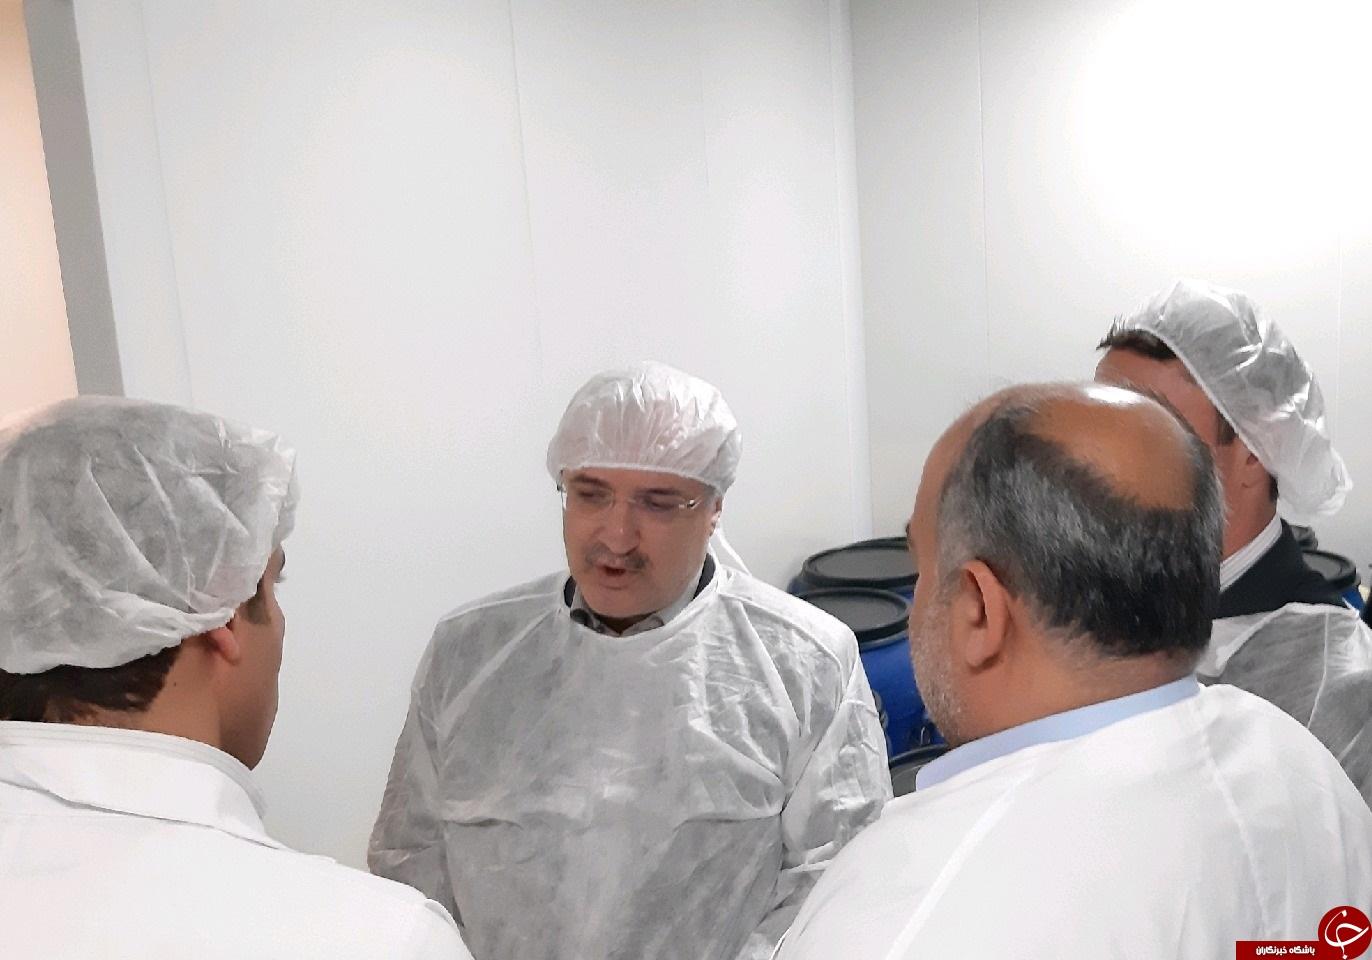 حدود ۹۷ درصد داروها در داخل تولید میشود /تا پایان مرداد گزارش ارز دارویی ارائه میشود